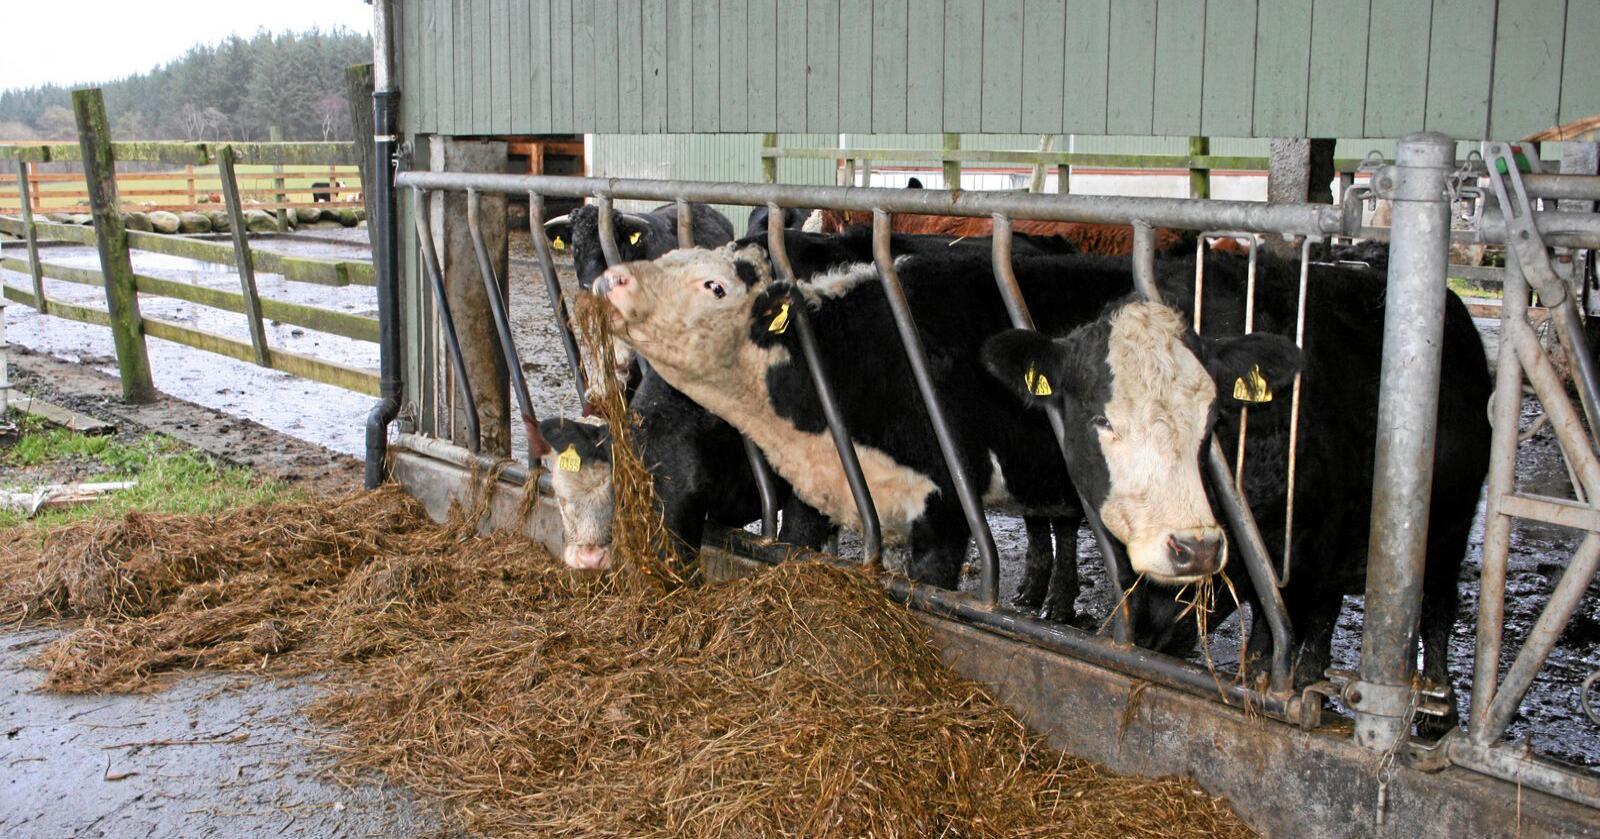 Greit: Klimaplanen vil ikke kutte i norsk matproduksjon. Økte avgifter på reelle utslipp er til å leve med. Foto: Bjarne B. Aase